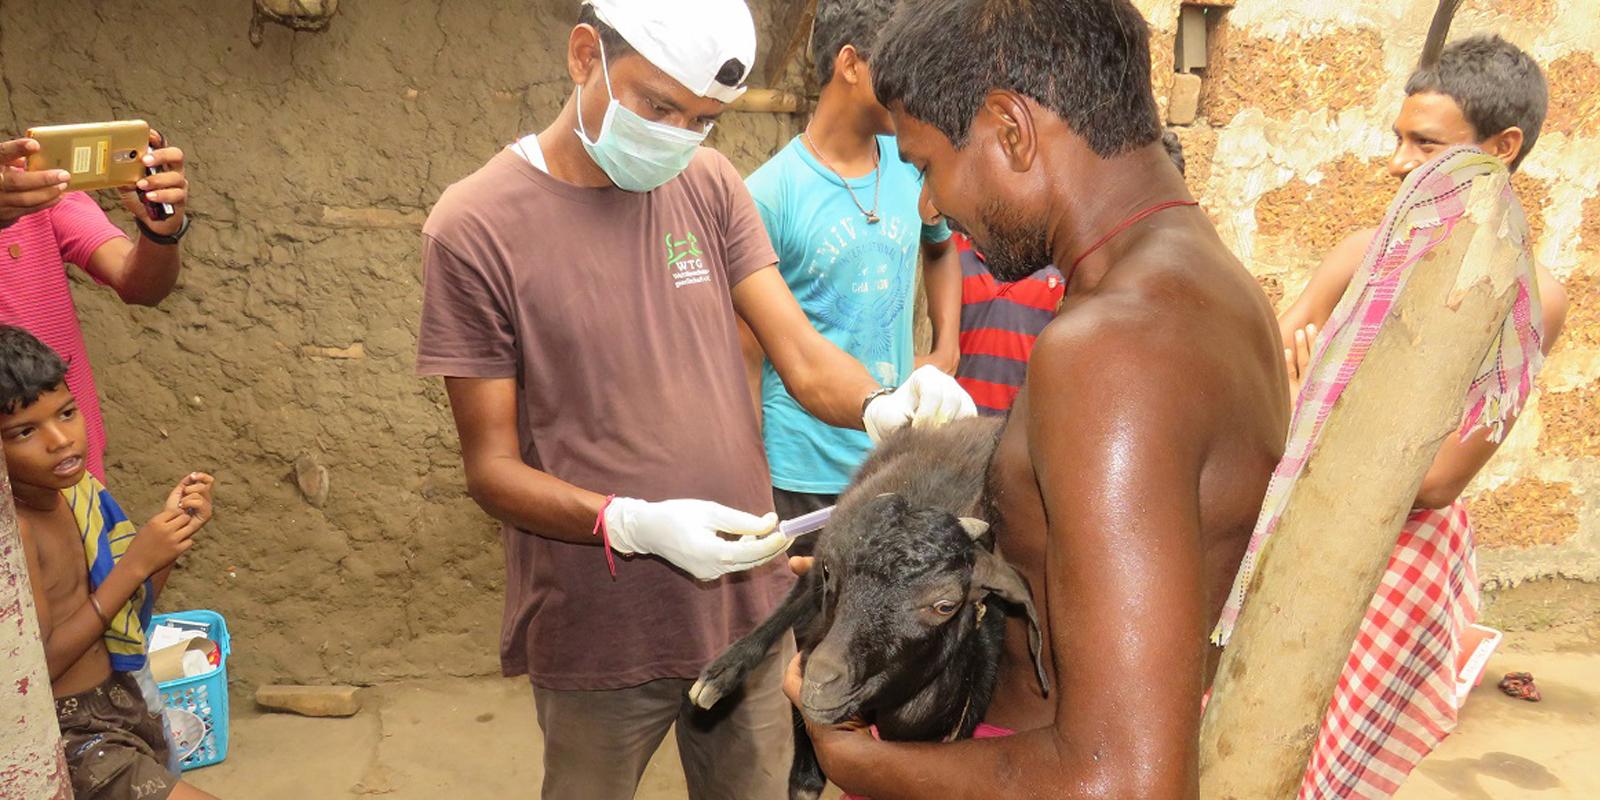 Soforthilfe in Bildern: Eine Ziege wird vom Tierarzt des Notfallteams versorgt